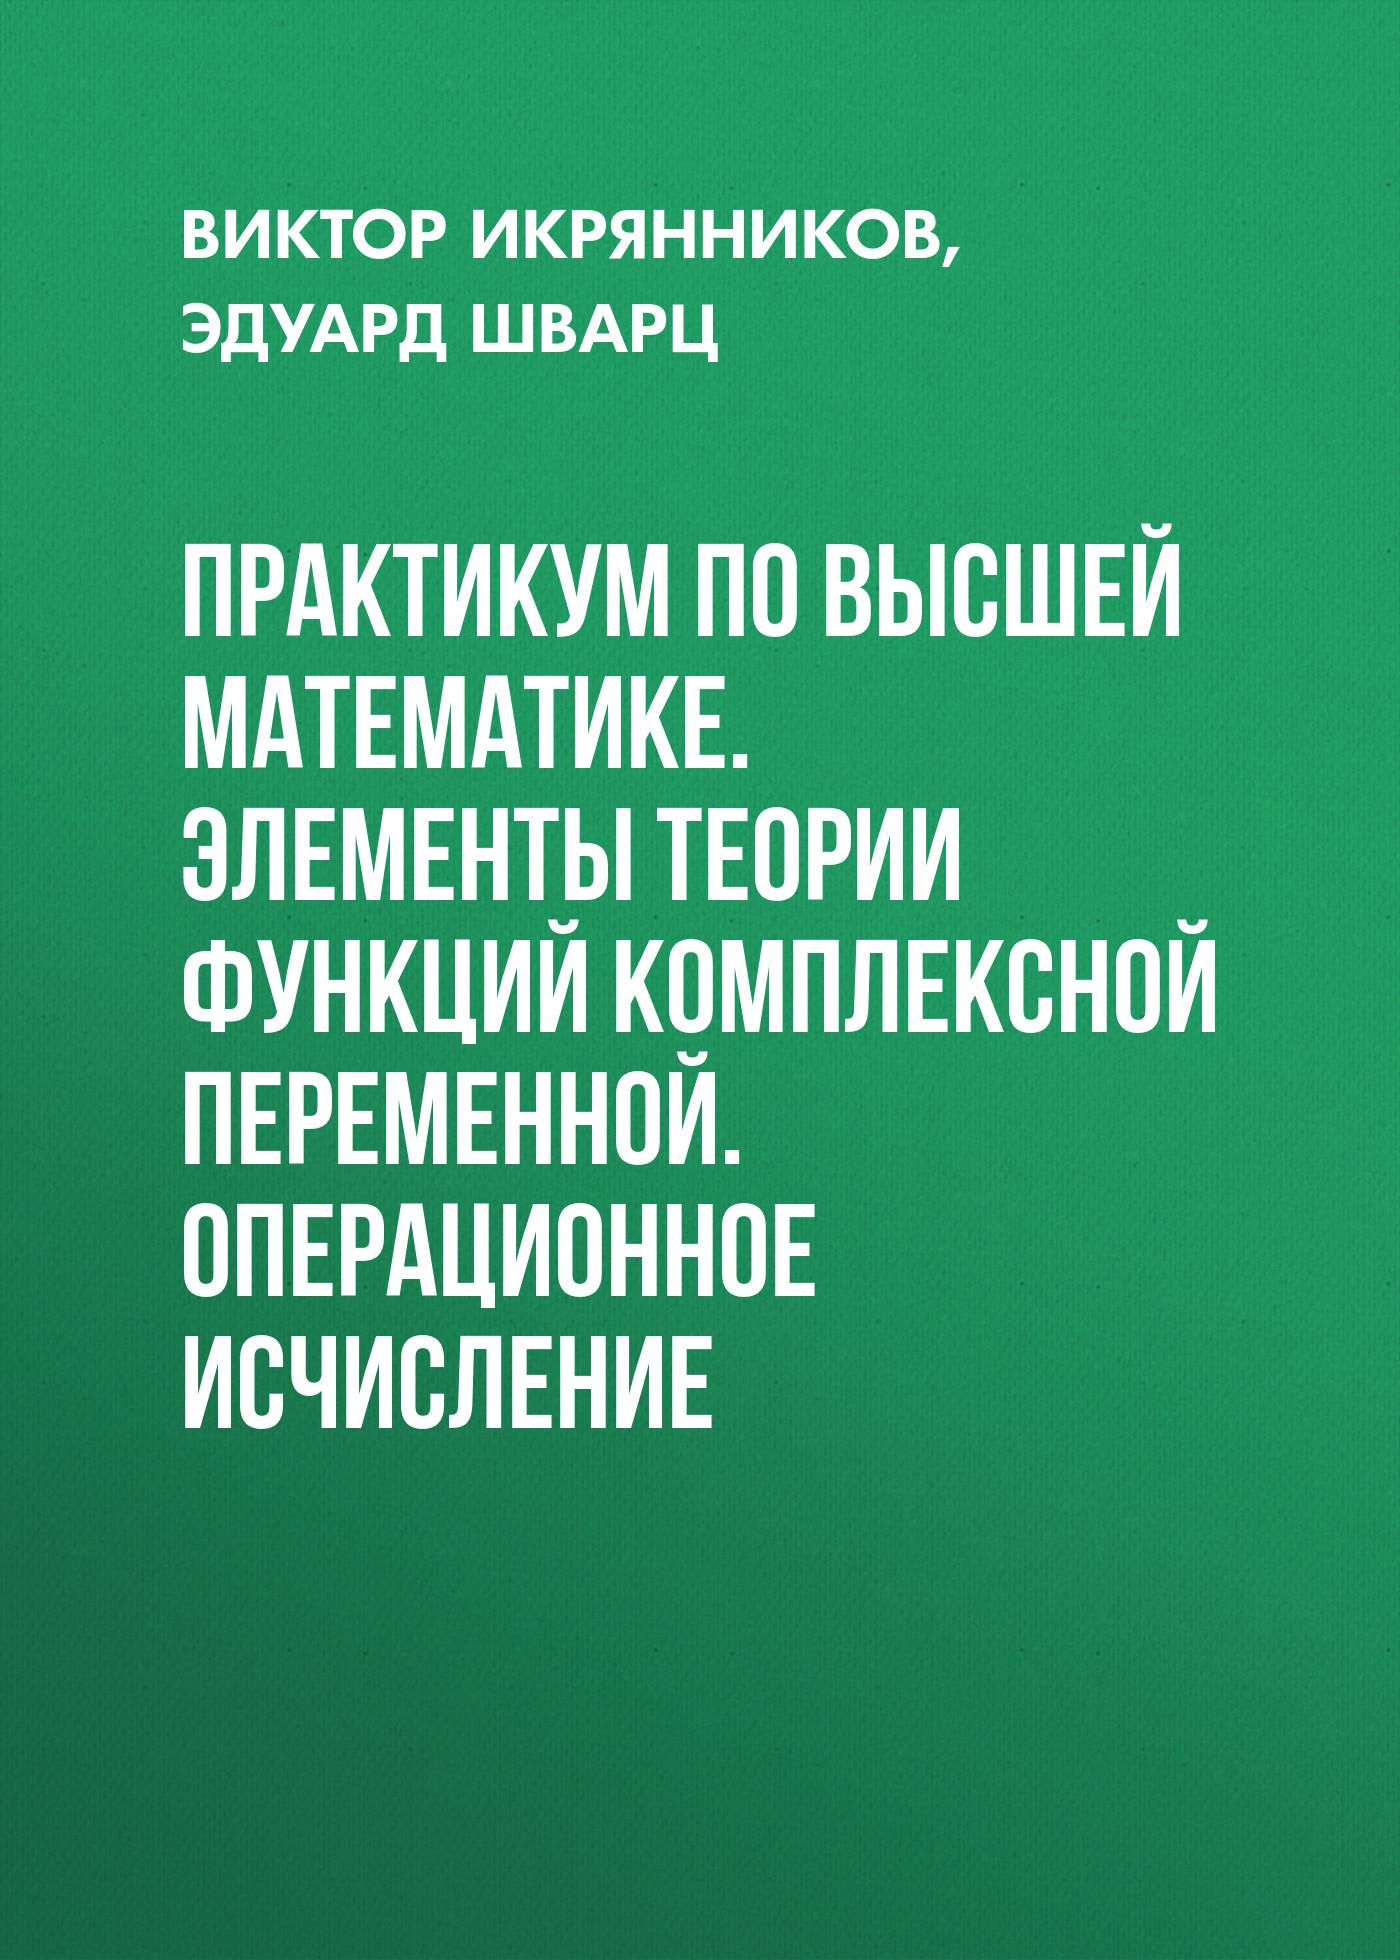 Эдуард Шварц Практикум по высшей математике. Элементы теории функций комплексной переменной. Операционное исчисление гусак а теория функций комплексной переменной и операционное исчисление isbn 9789854700540